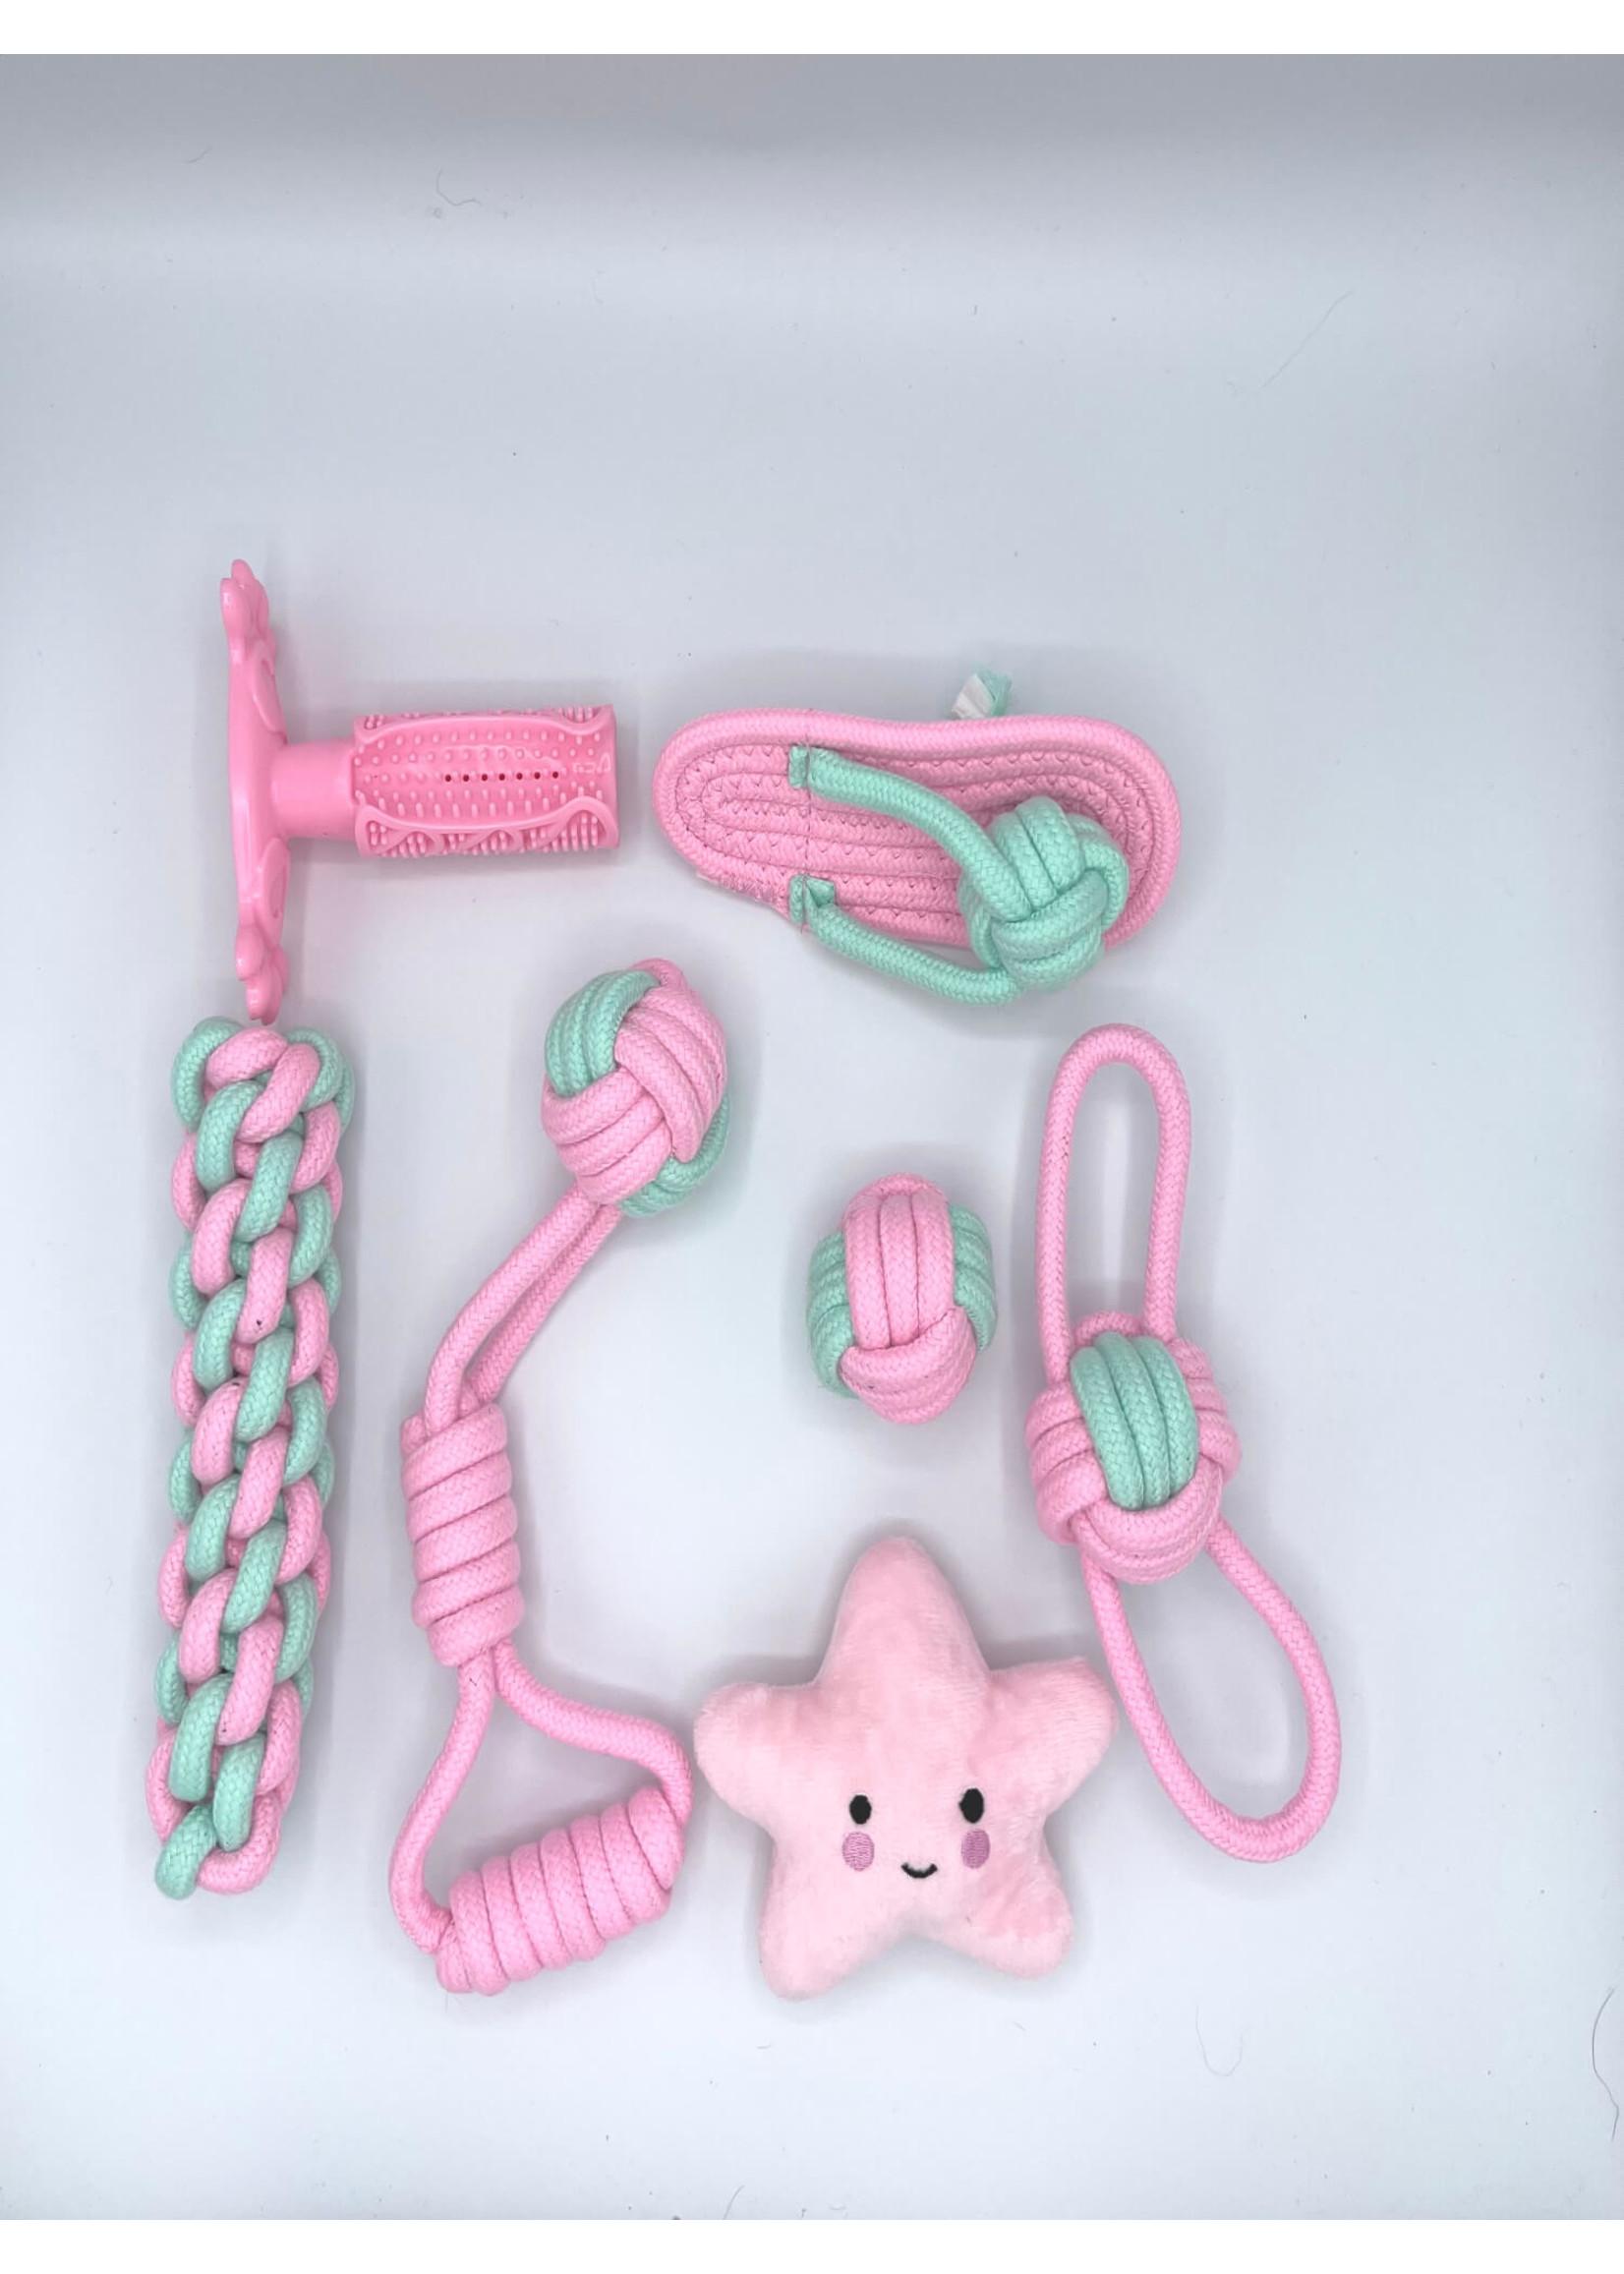 Dog Rope Toys, 7pc Set, Pink